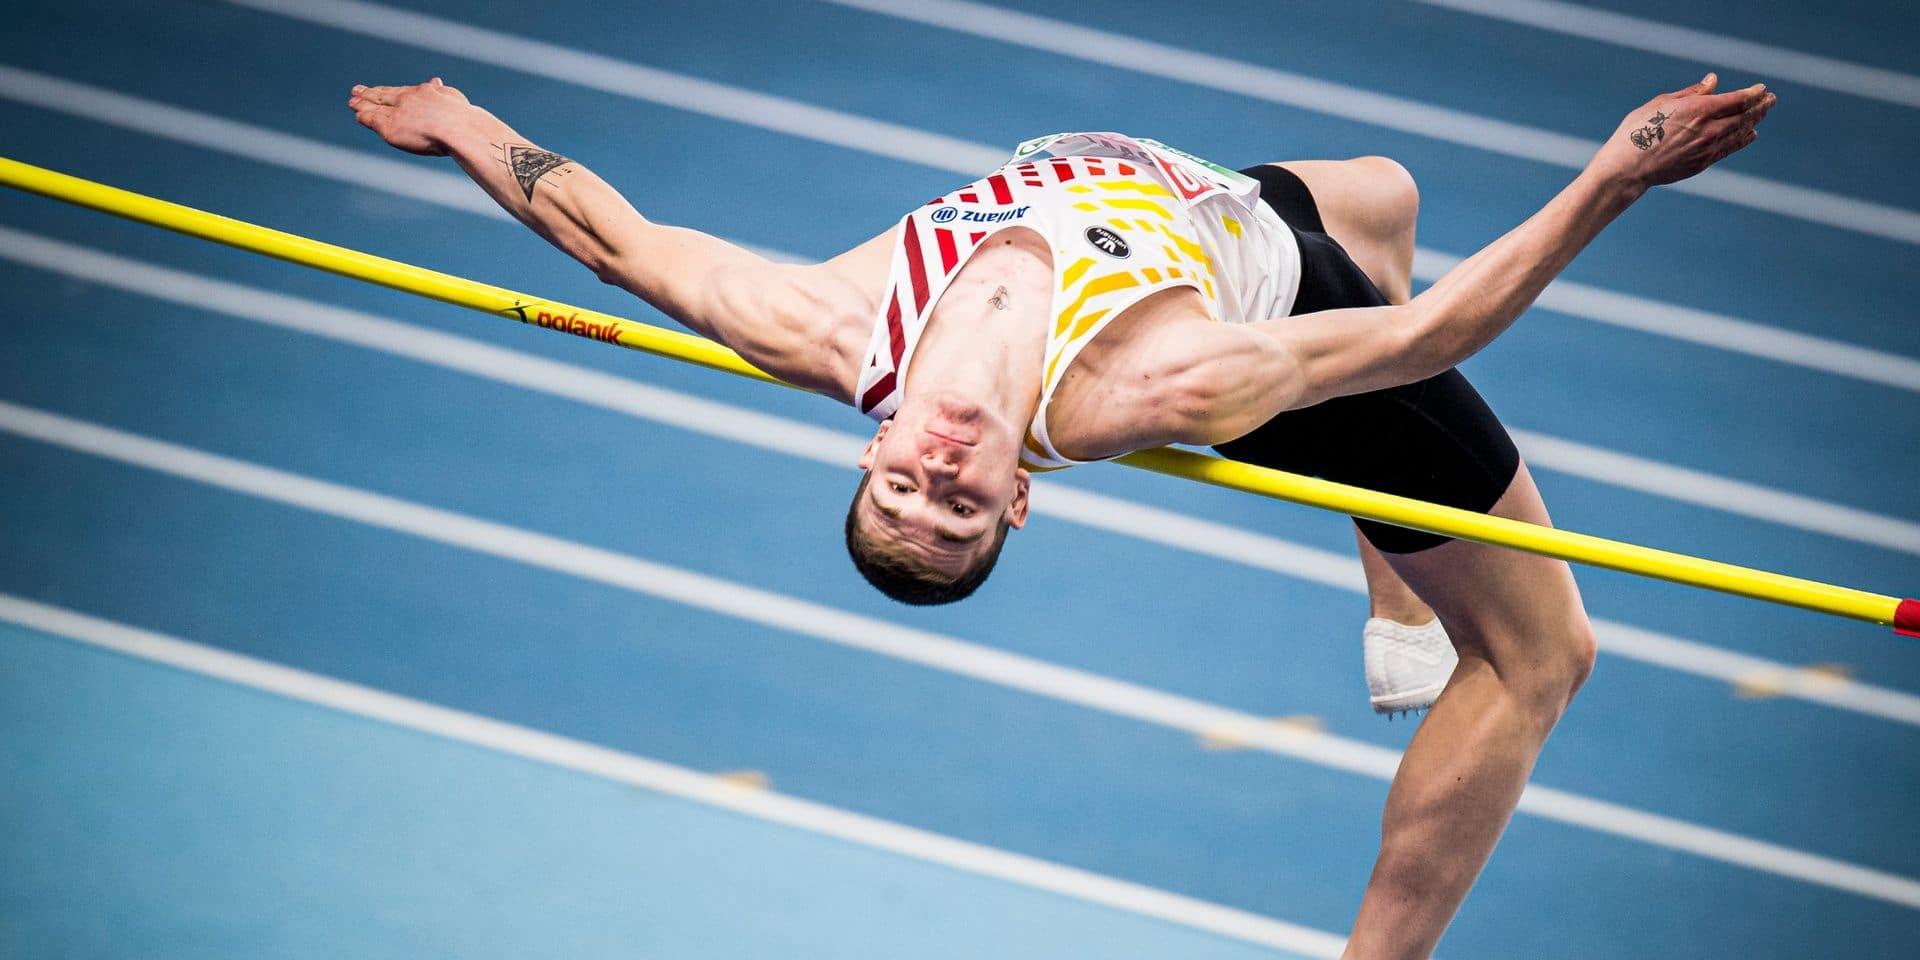 """Objectif atteint pour Thomas Carmoy avec la médaille de bronze: """"Je voulais me faire un nom"""""""